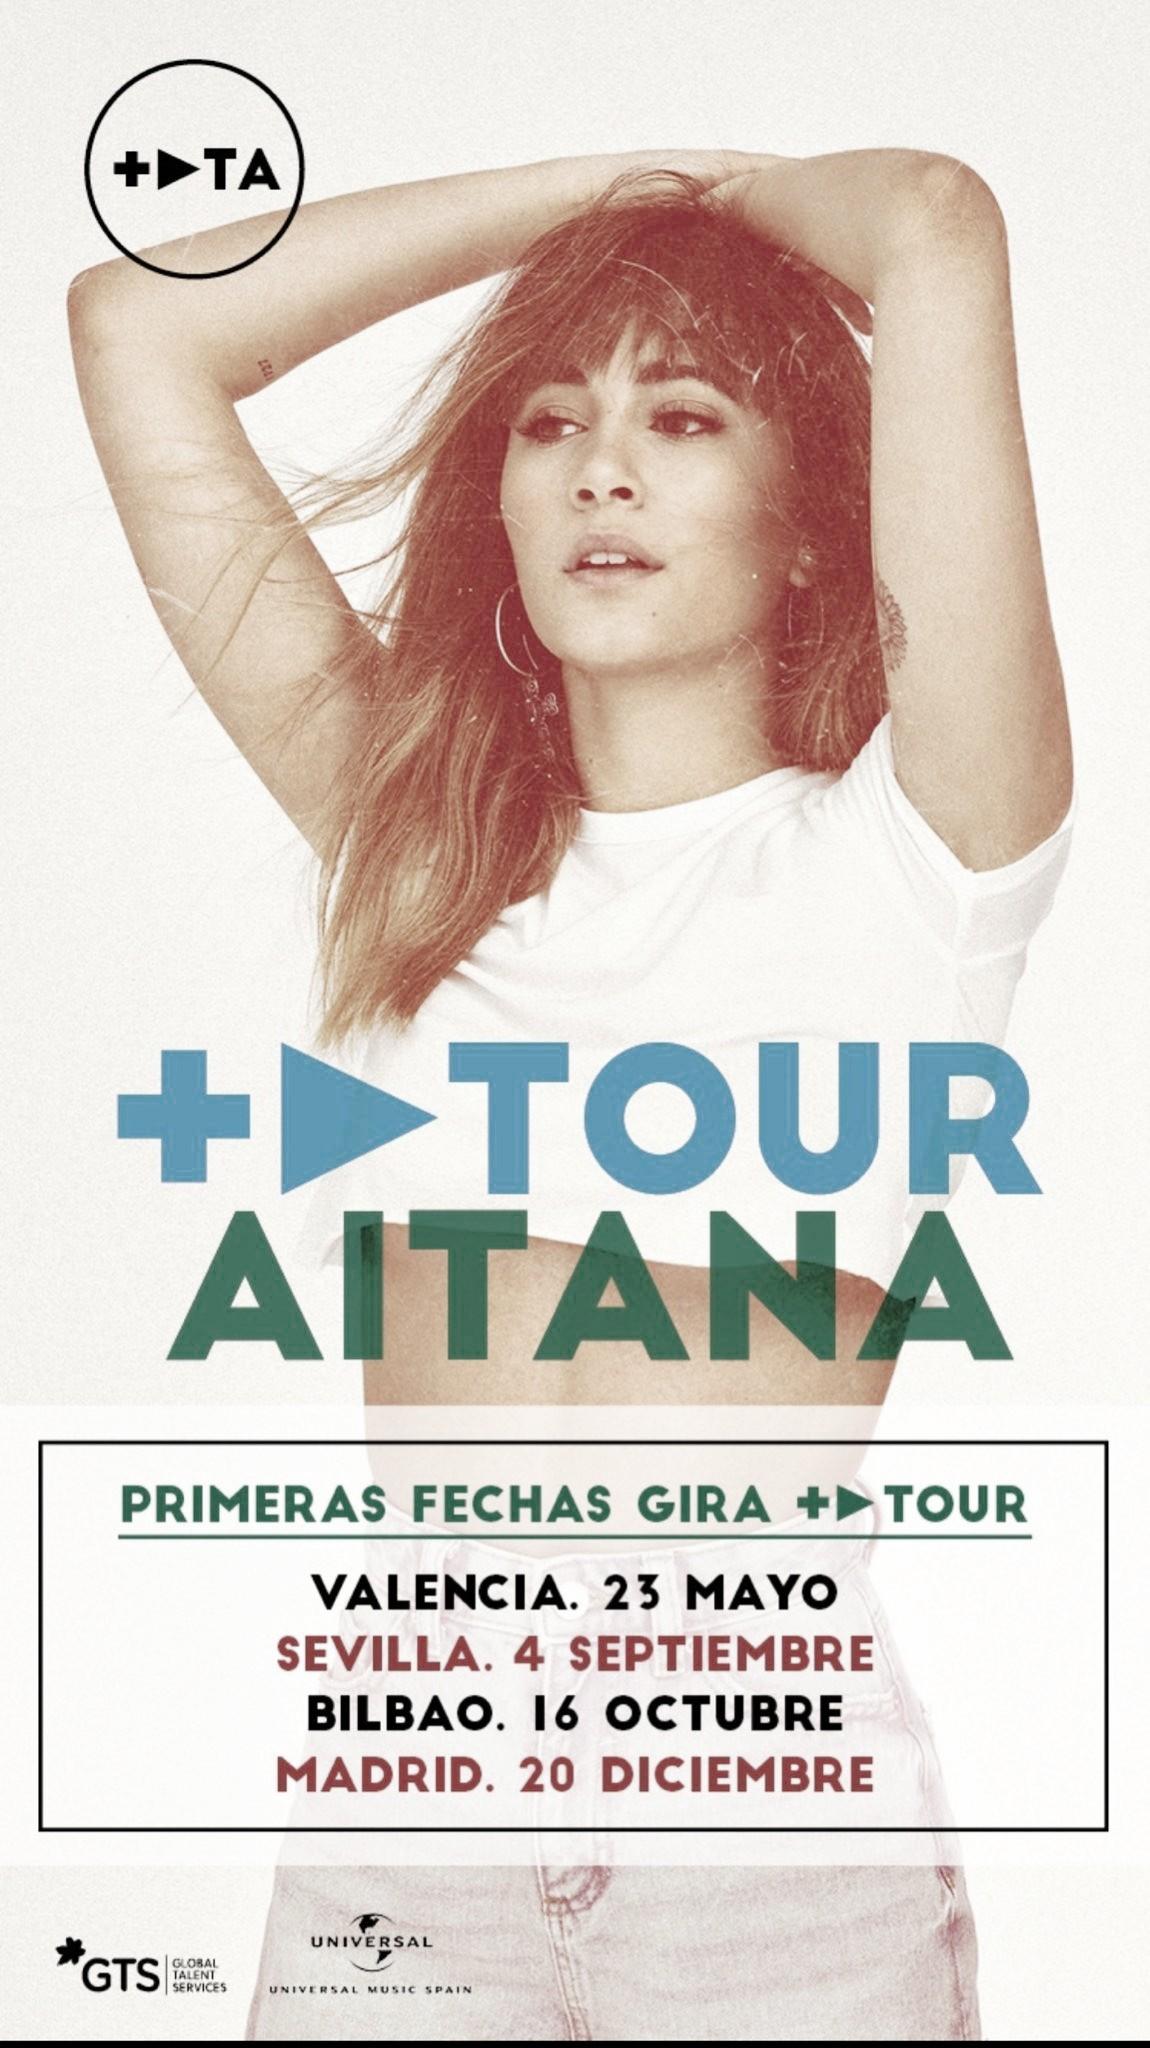 Aitana anuncia + PLAY TOUR